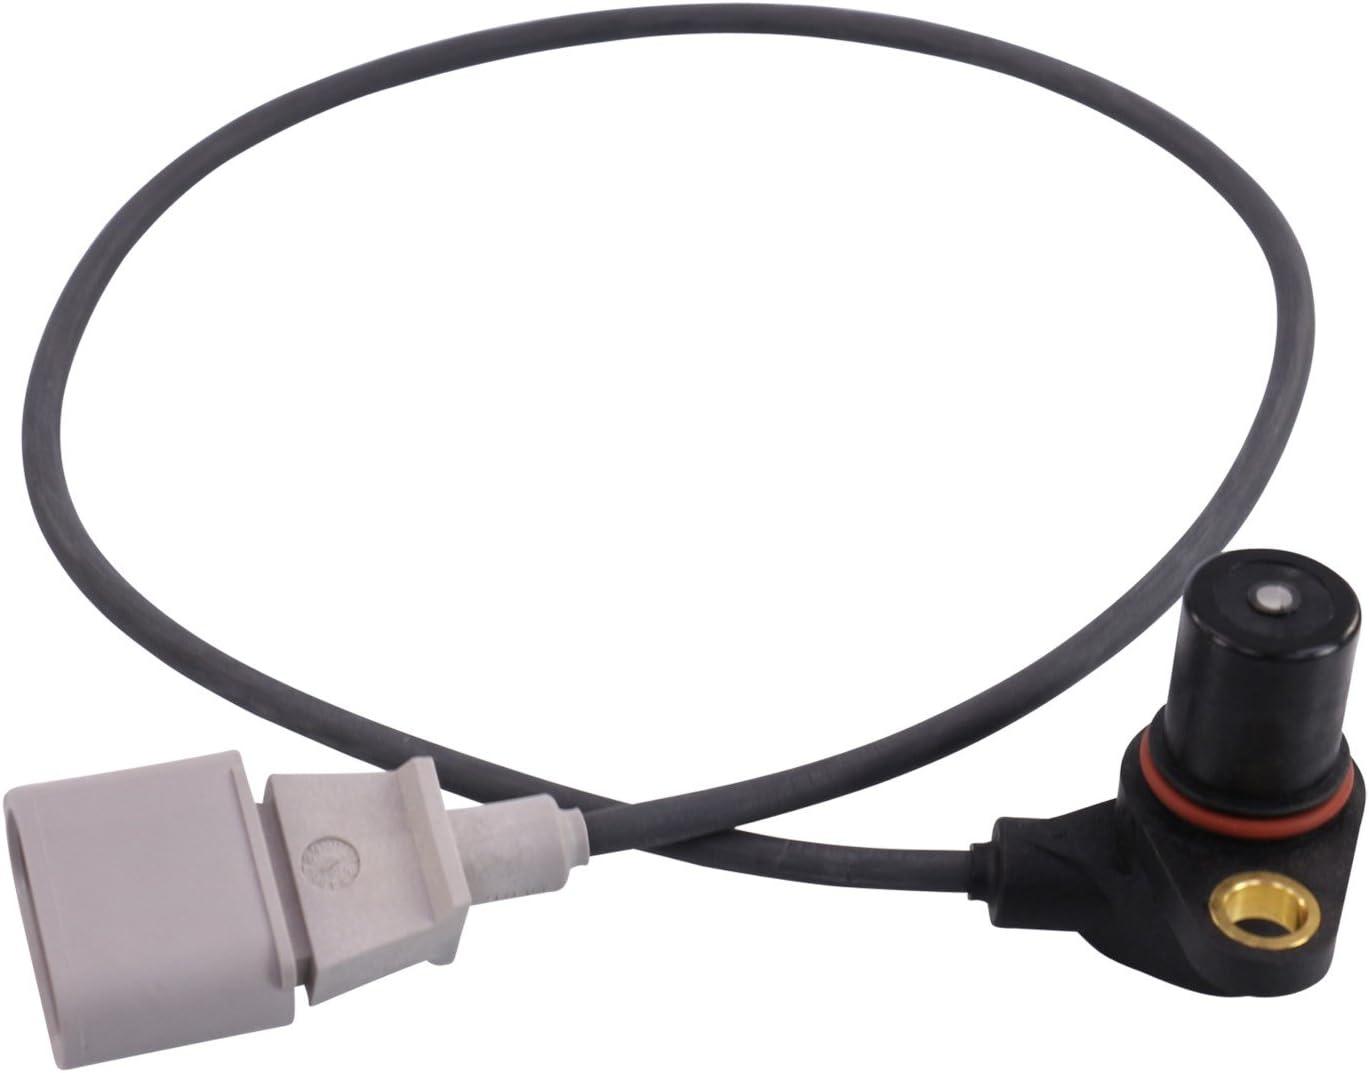 Bosch 0 261 210 147 Impulsgeber Kurbelwelle Auto